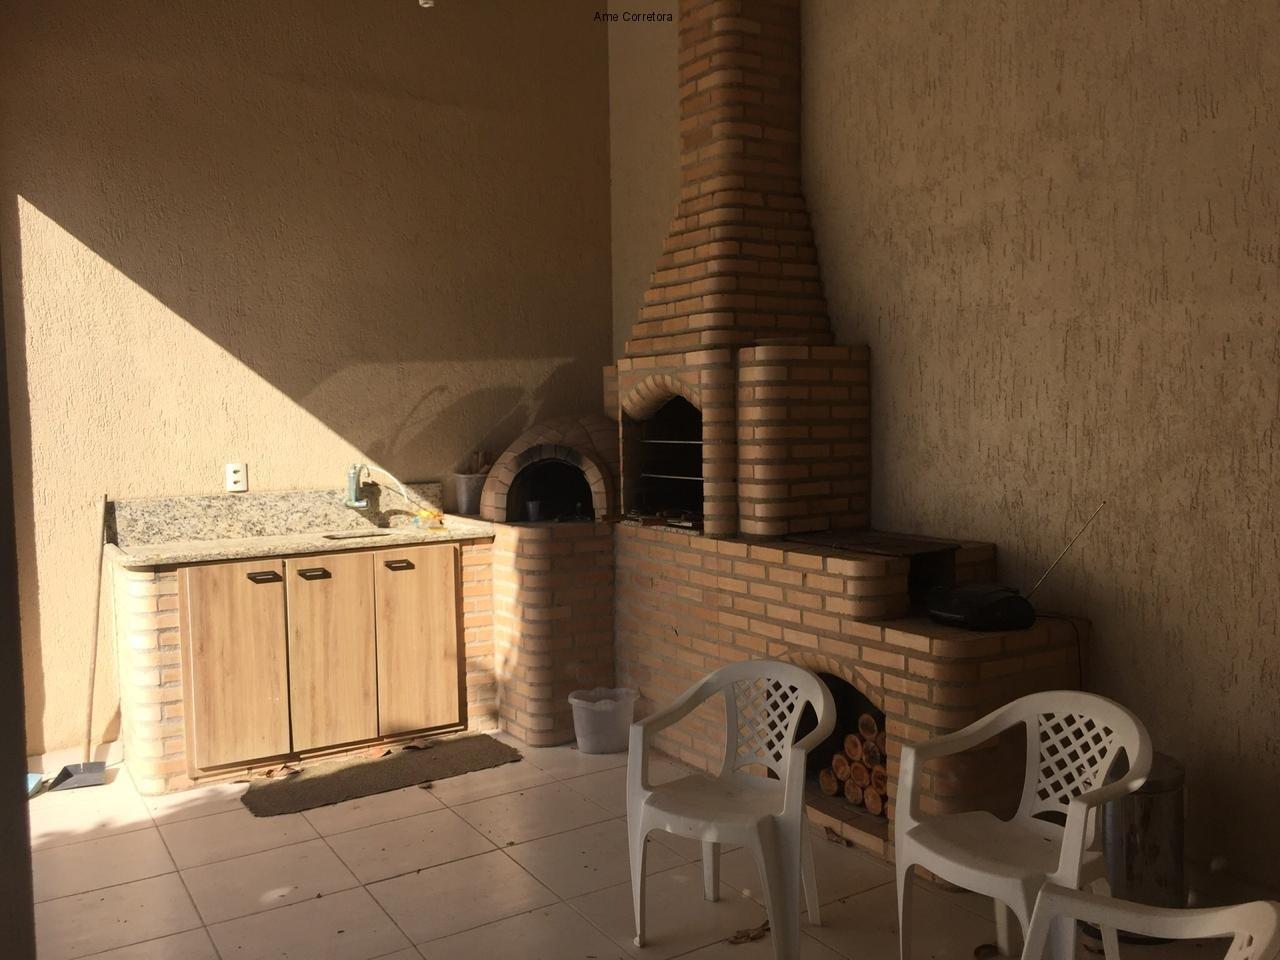 FOTO 04 - Terreno Residencial à venda Rio de Janeiro,RJ - R$ 267.000 - TE00038 - 5